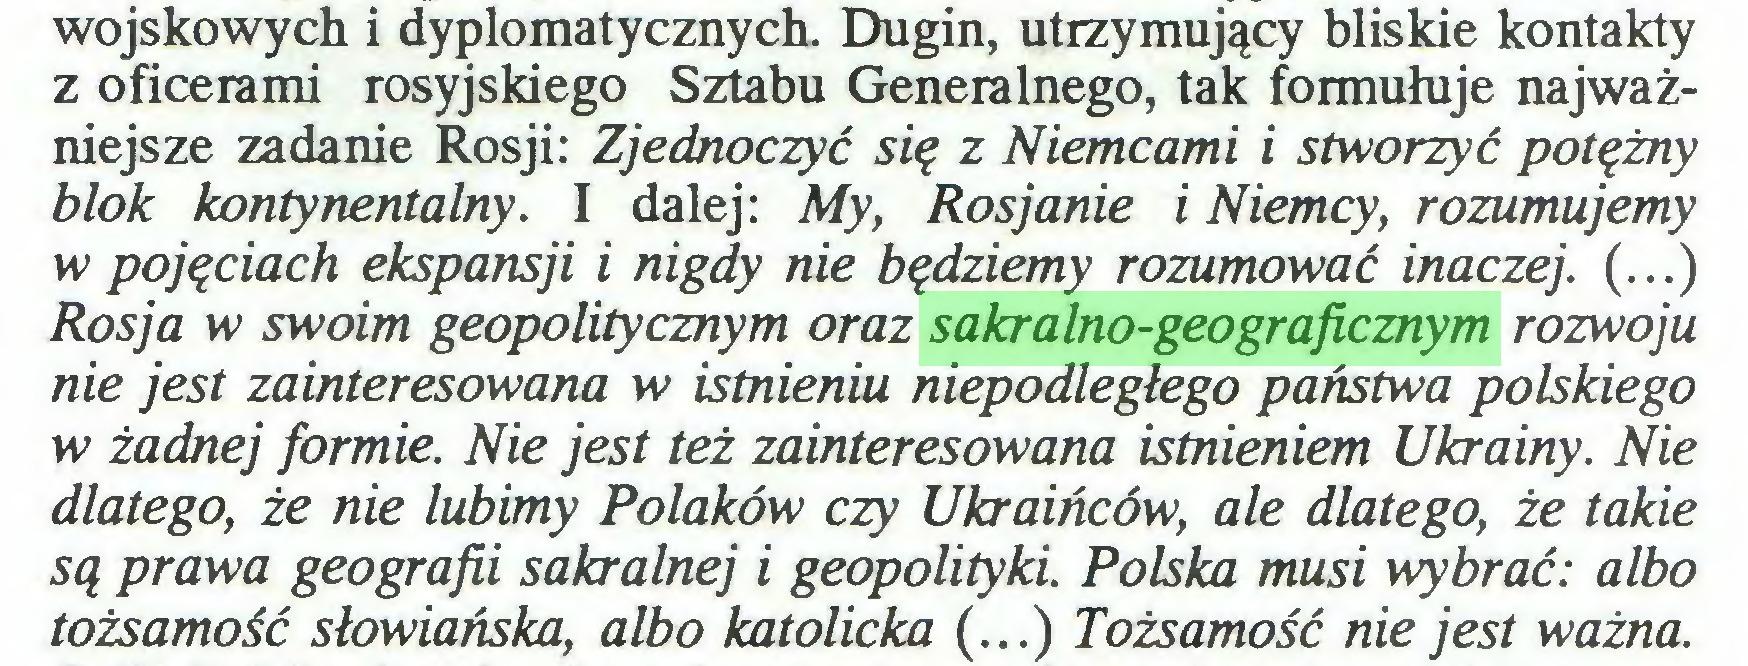 (...) wojskowych i dyplomatycznych. Dugin, utrzymujący bliskie kontakty z oficerami rosyjskiego Sztabu Generalnego, tak formułuje najważniejsze zadanie Rosji: Zjednoczyć się z Niemcami i stworzyć potężny blok kontynentalny. I dalej: My, Rosjanie i Niemcy, rozumujemy w pojęciach ekspansji i nigdy nie będziemy rozumować inaczej. (...) Rosja w swoim geopolitycznym oraz sakralno-geograficznym rozwoju nie jest zainteresowana w istnieniu niepodległego państwa polskiego w żadnej formie. Nie jest też zainteresowana istnieniem Ukrainy. Nie dlatego, że nie lubimy Polaków czy Ukraińców, ale dlatego, że takie są prawa geografii sakralnej i geopolityki. Polska musi wybrać: albo tożsamość słowiańska, albo katolicka (...) Tożsamość nie jest ważna...